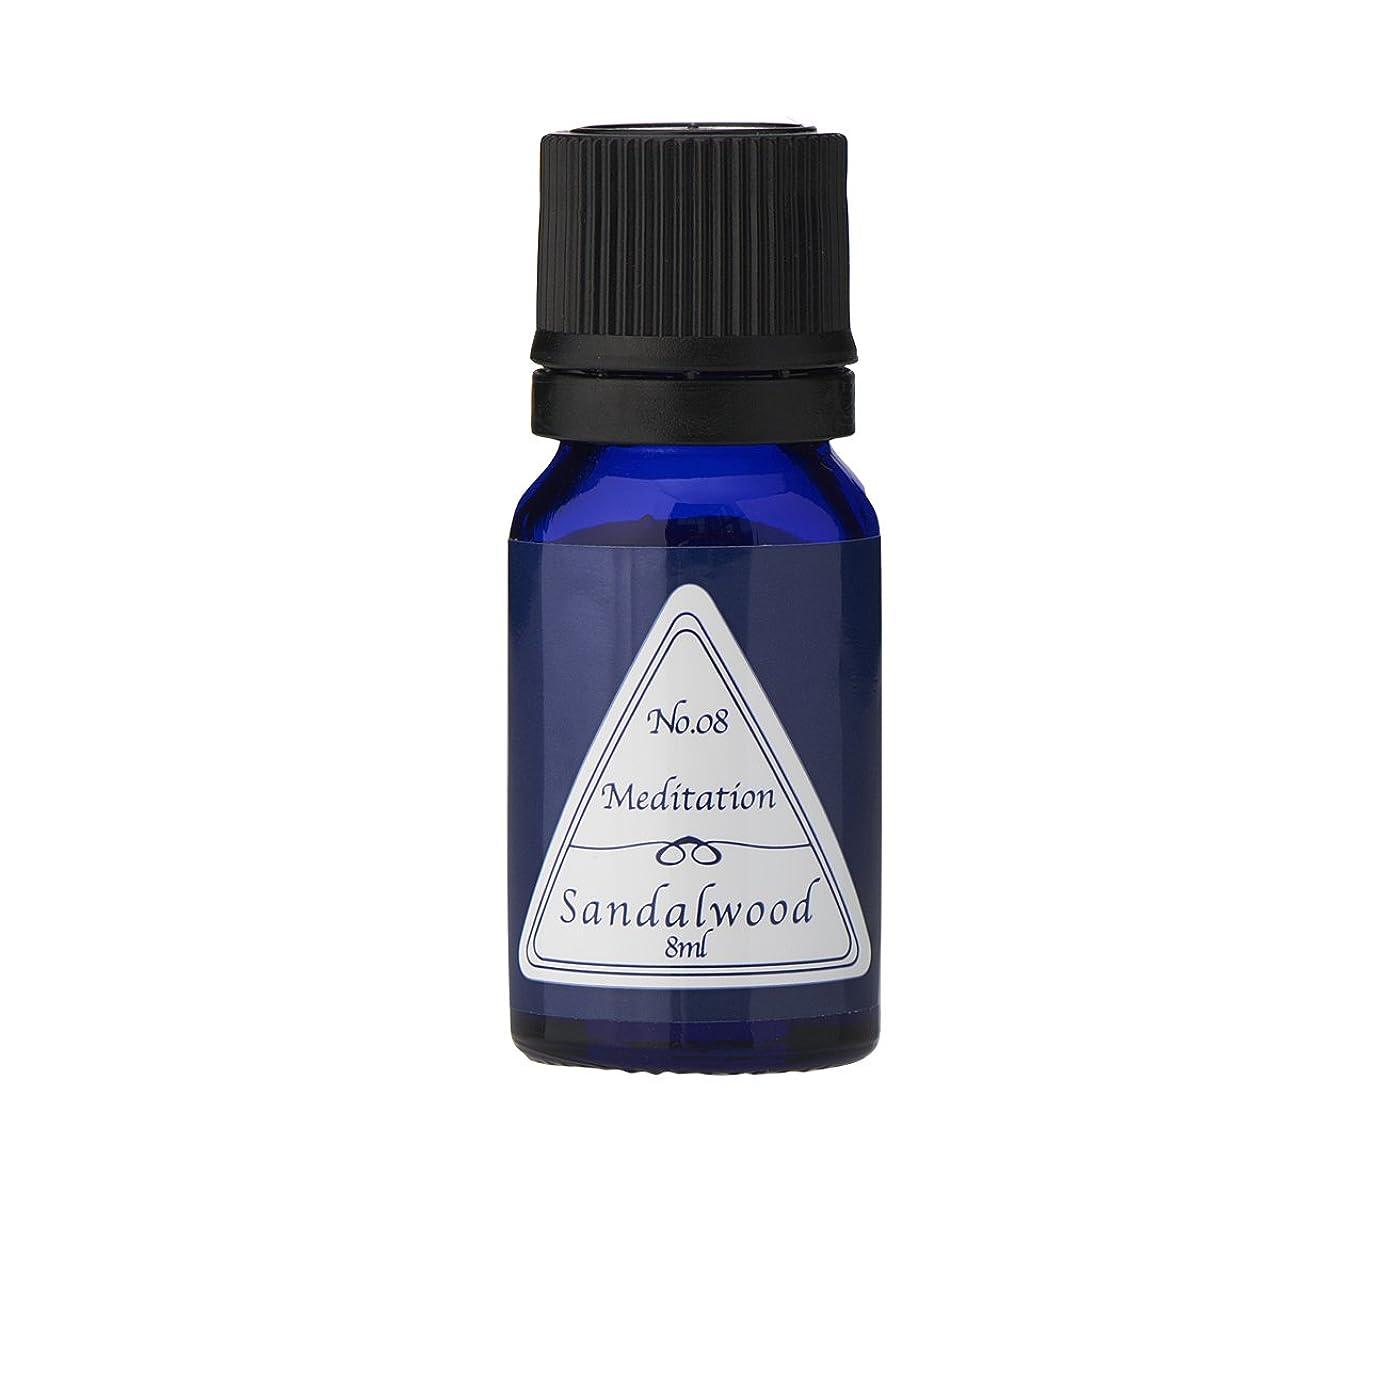 証拠ホース資源ブルーラベル アロマエッセンス8ml サンダルウッド(アロマオイル 調合香料 芳香用)